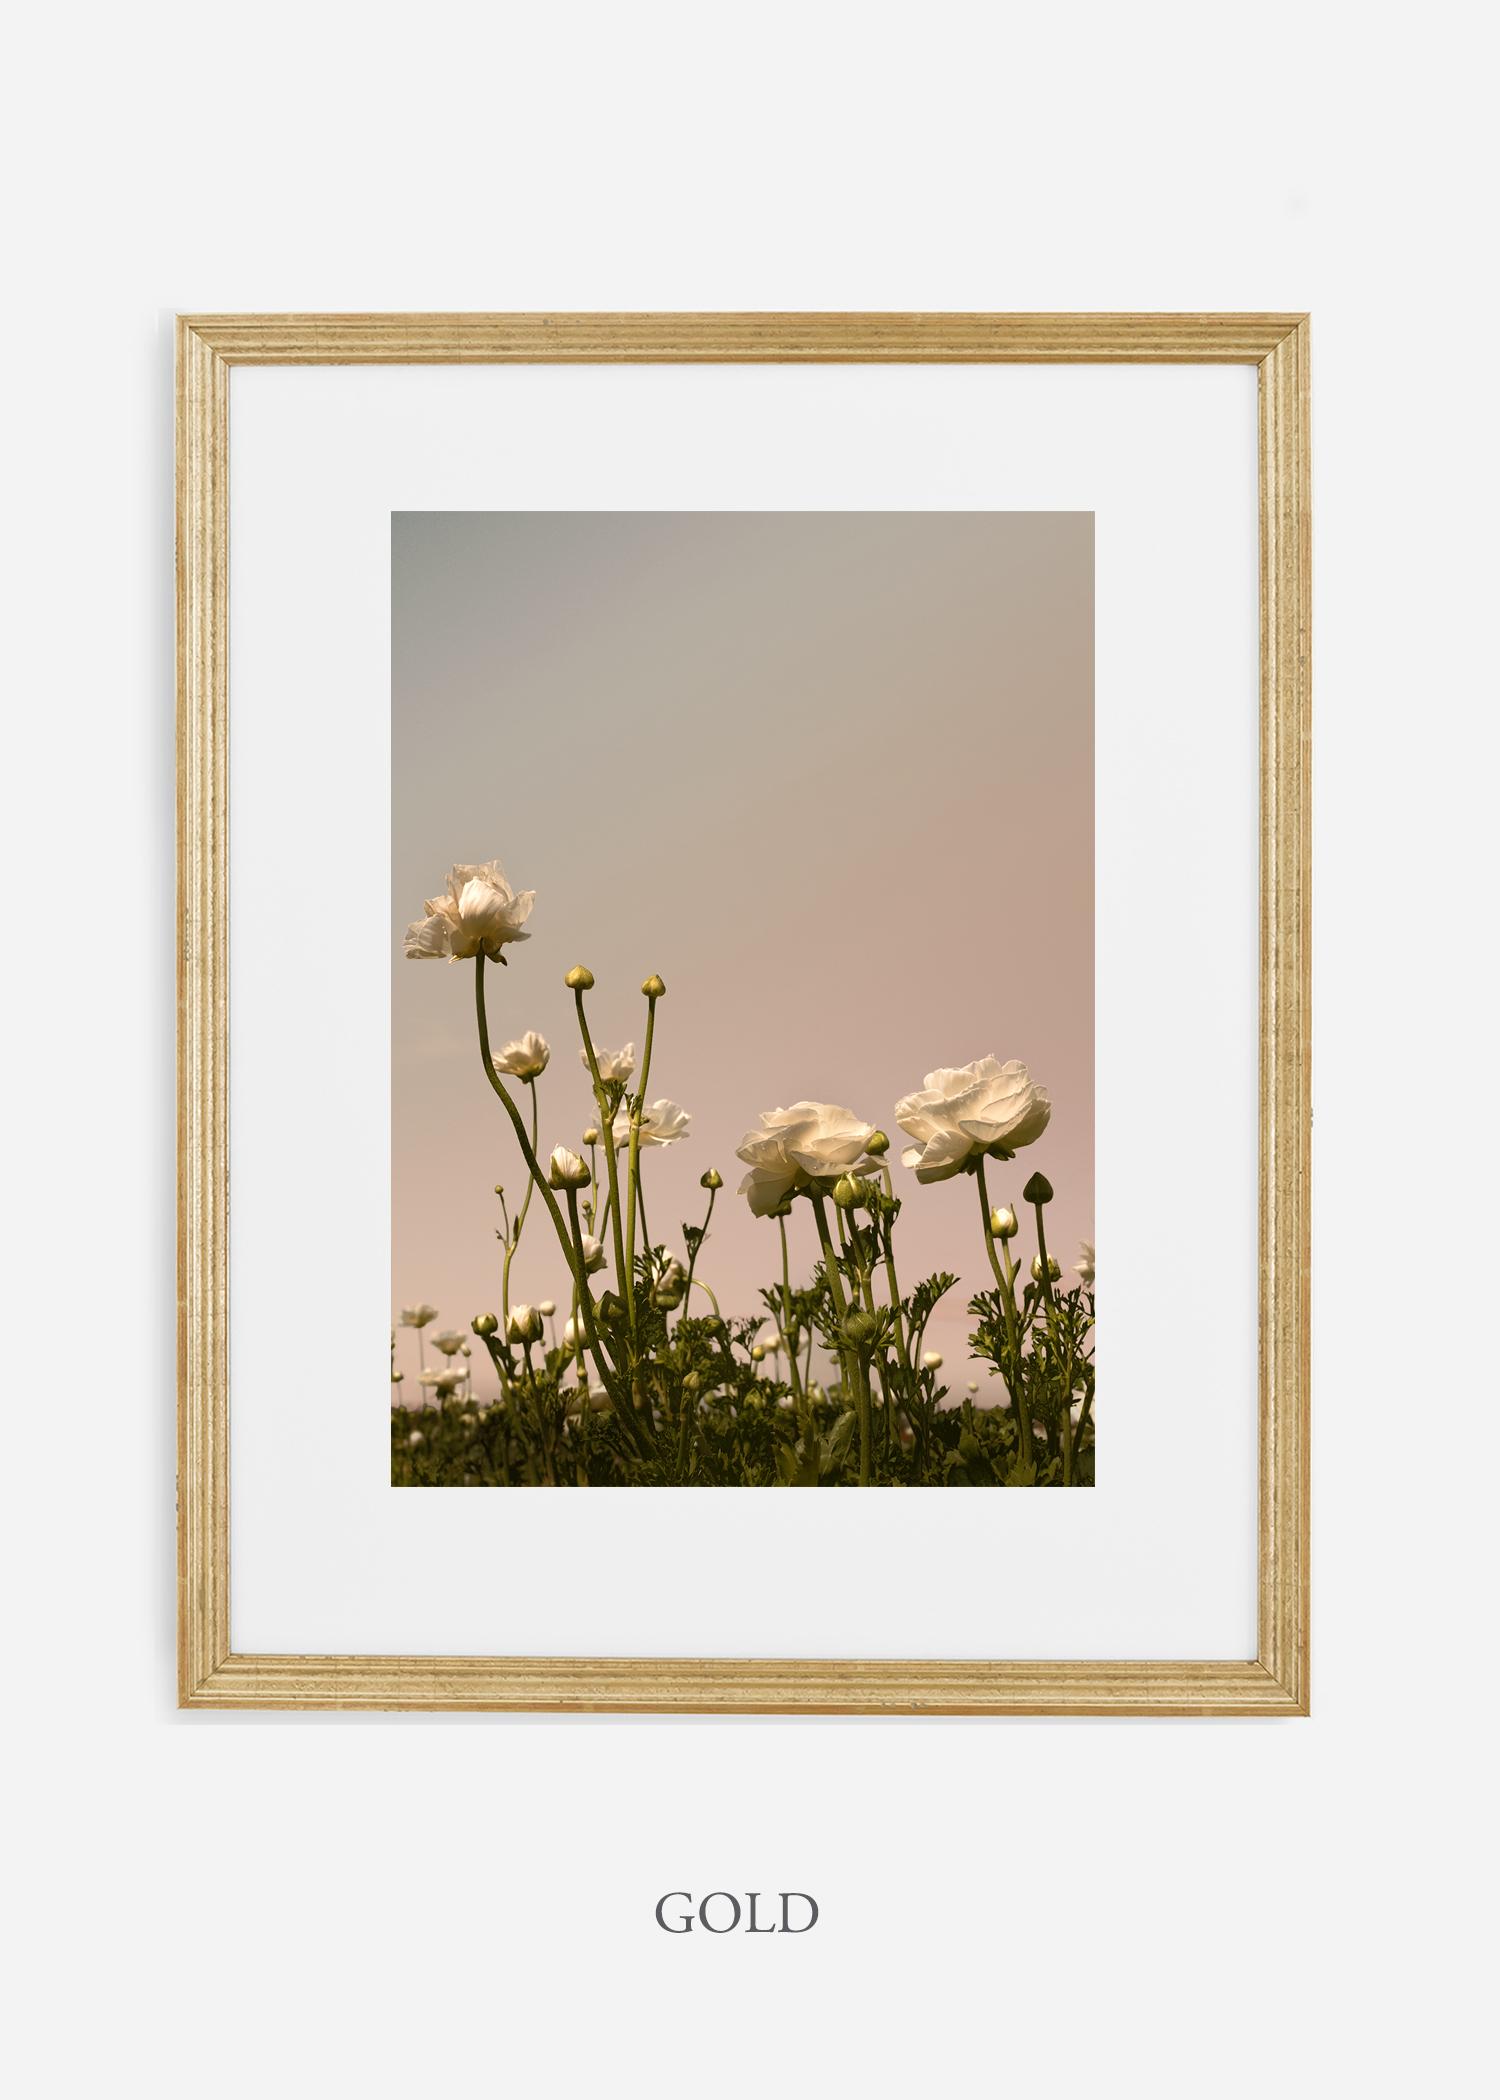 FloraNo.7-light-gold-frame_mat-interiordesign-botanicalprint-art.jpg